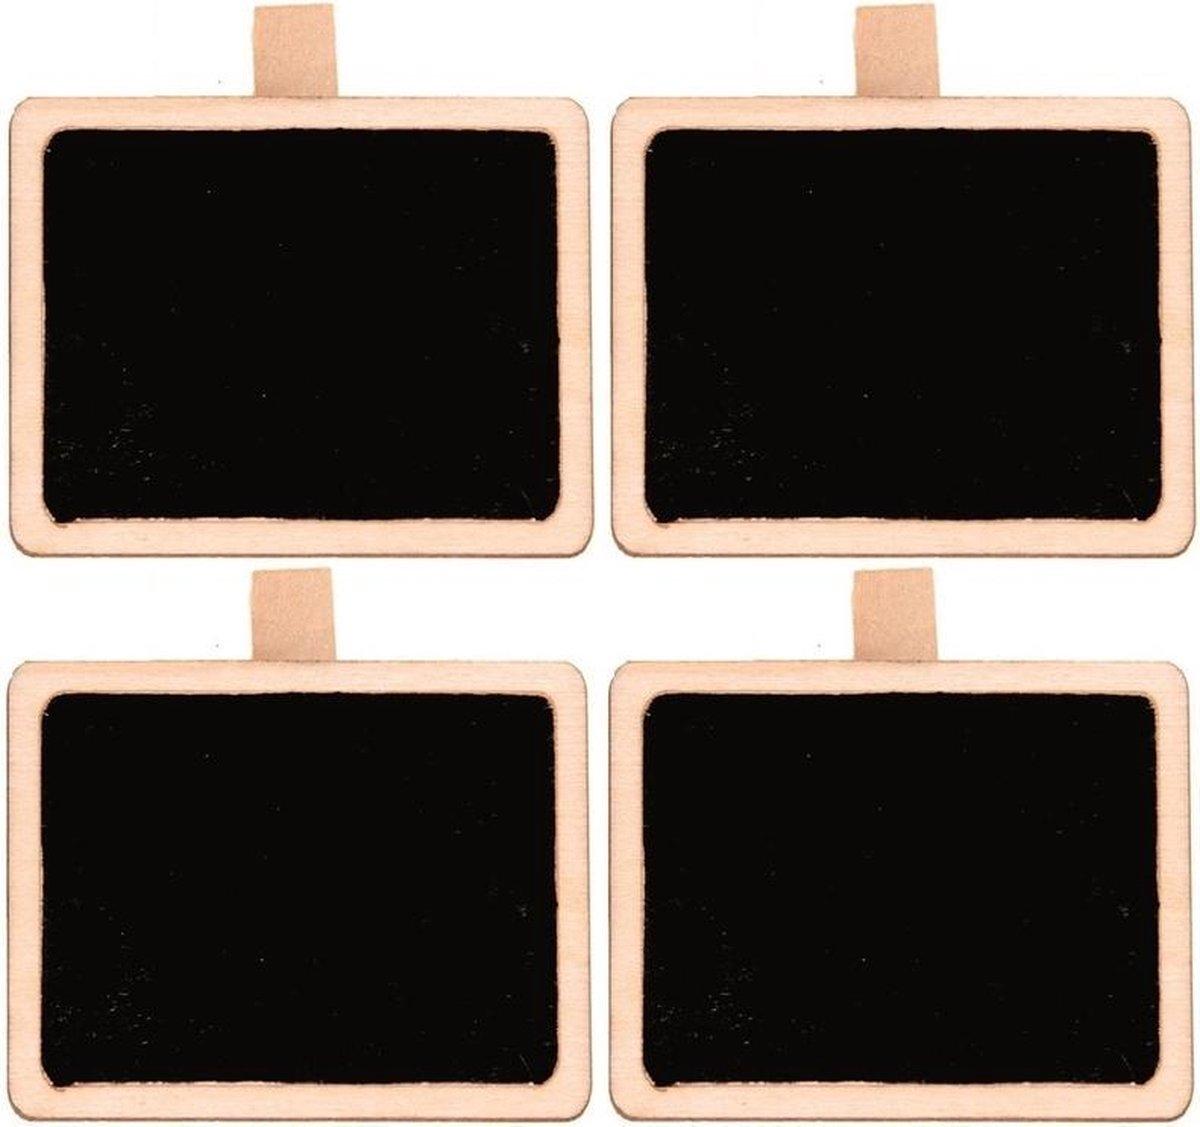 Merkloos / Sans marque 20x Houten mini krijtbordjes/schrijfbordjes/memobordjes rechthoek op knijper 5 cm Hobby/knutselbenodigdheden tekenbord Home deco Woonaccessoires/decoratie online kopen